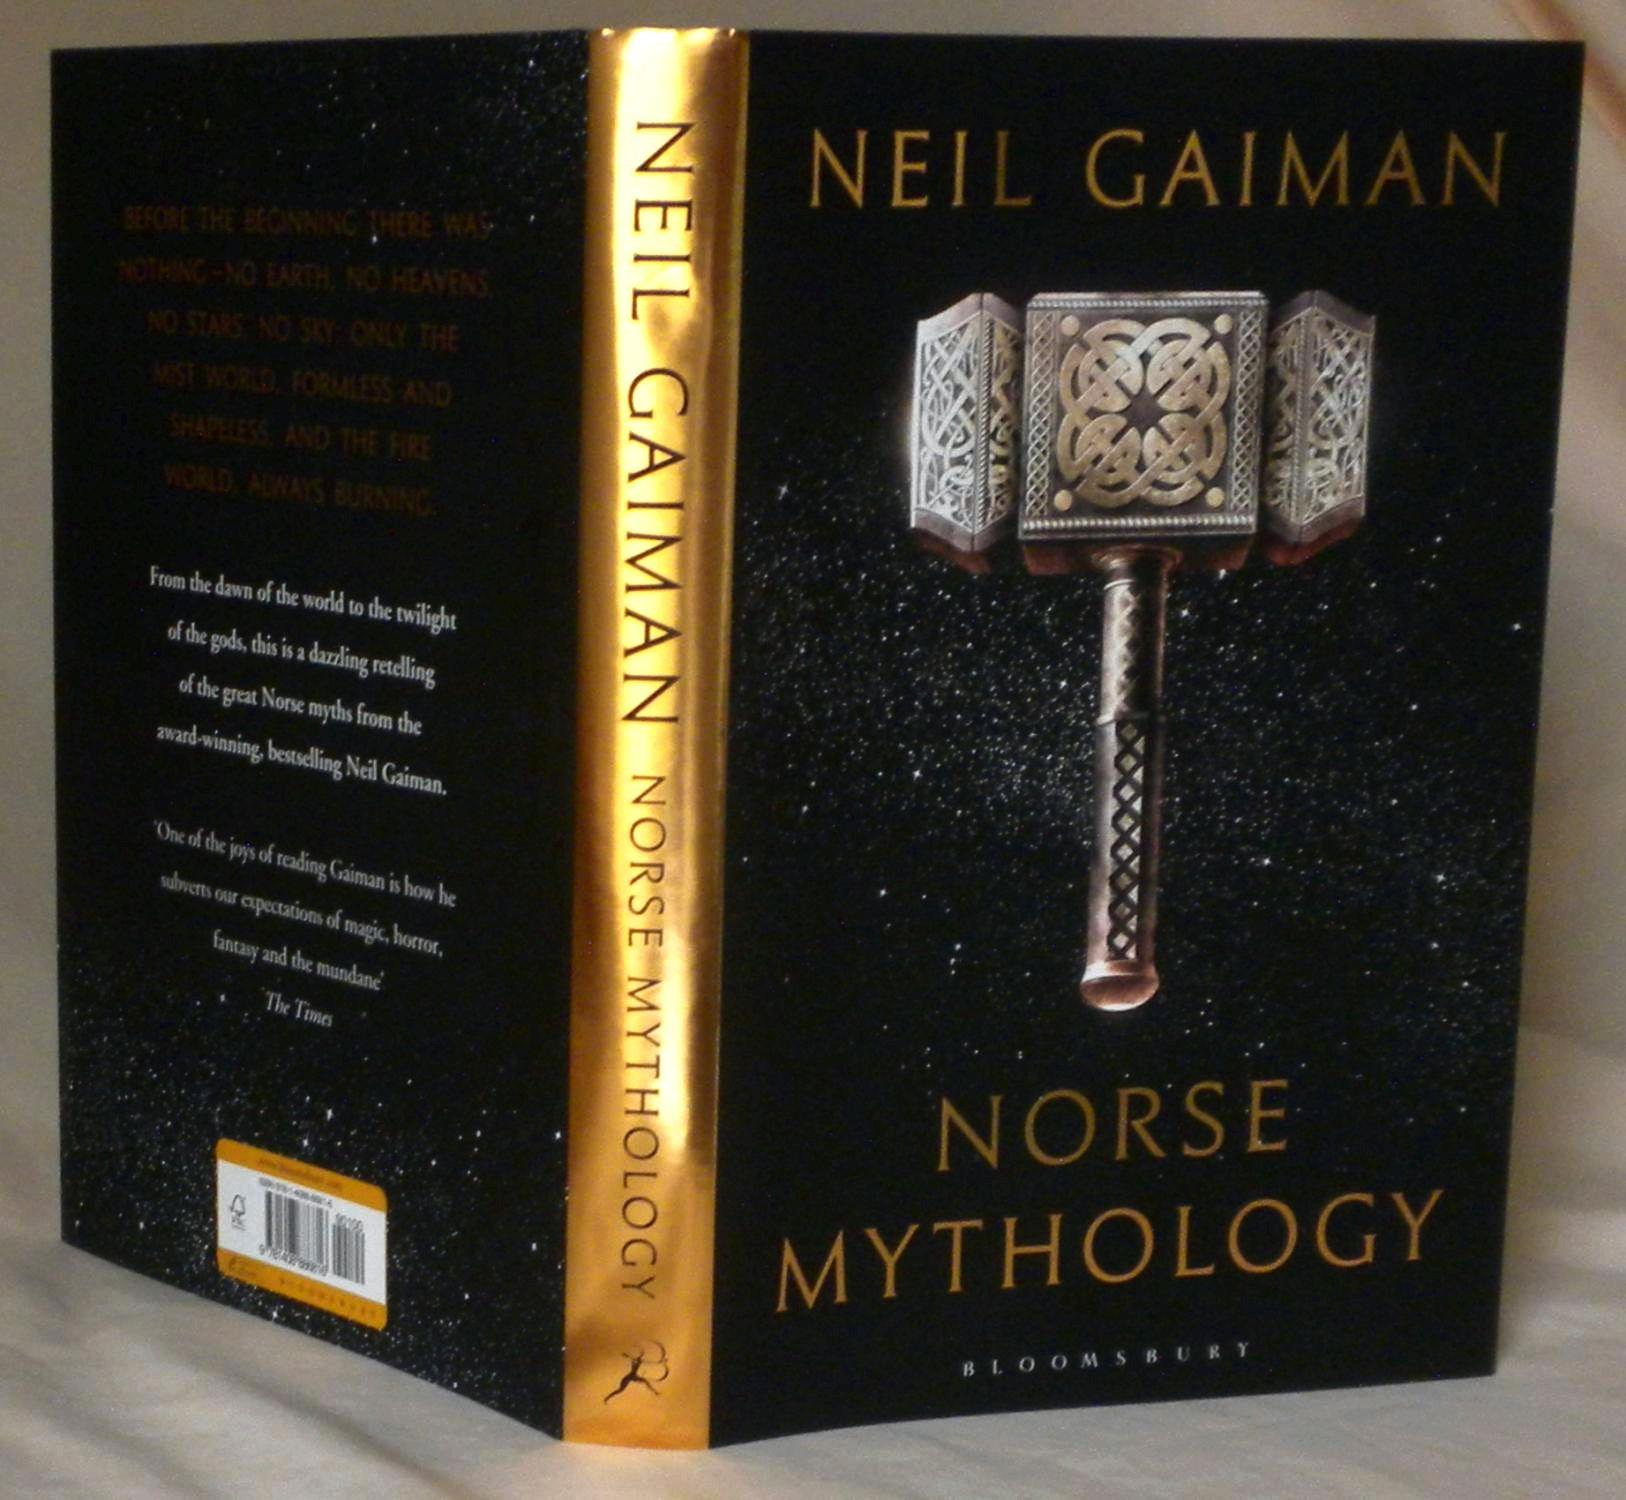 Neil gaiman's next book will explore norse mythology | ASGARD